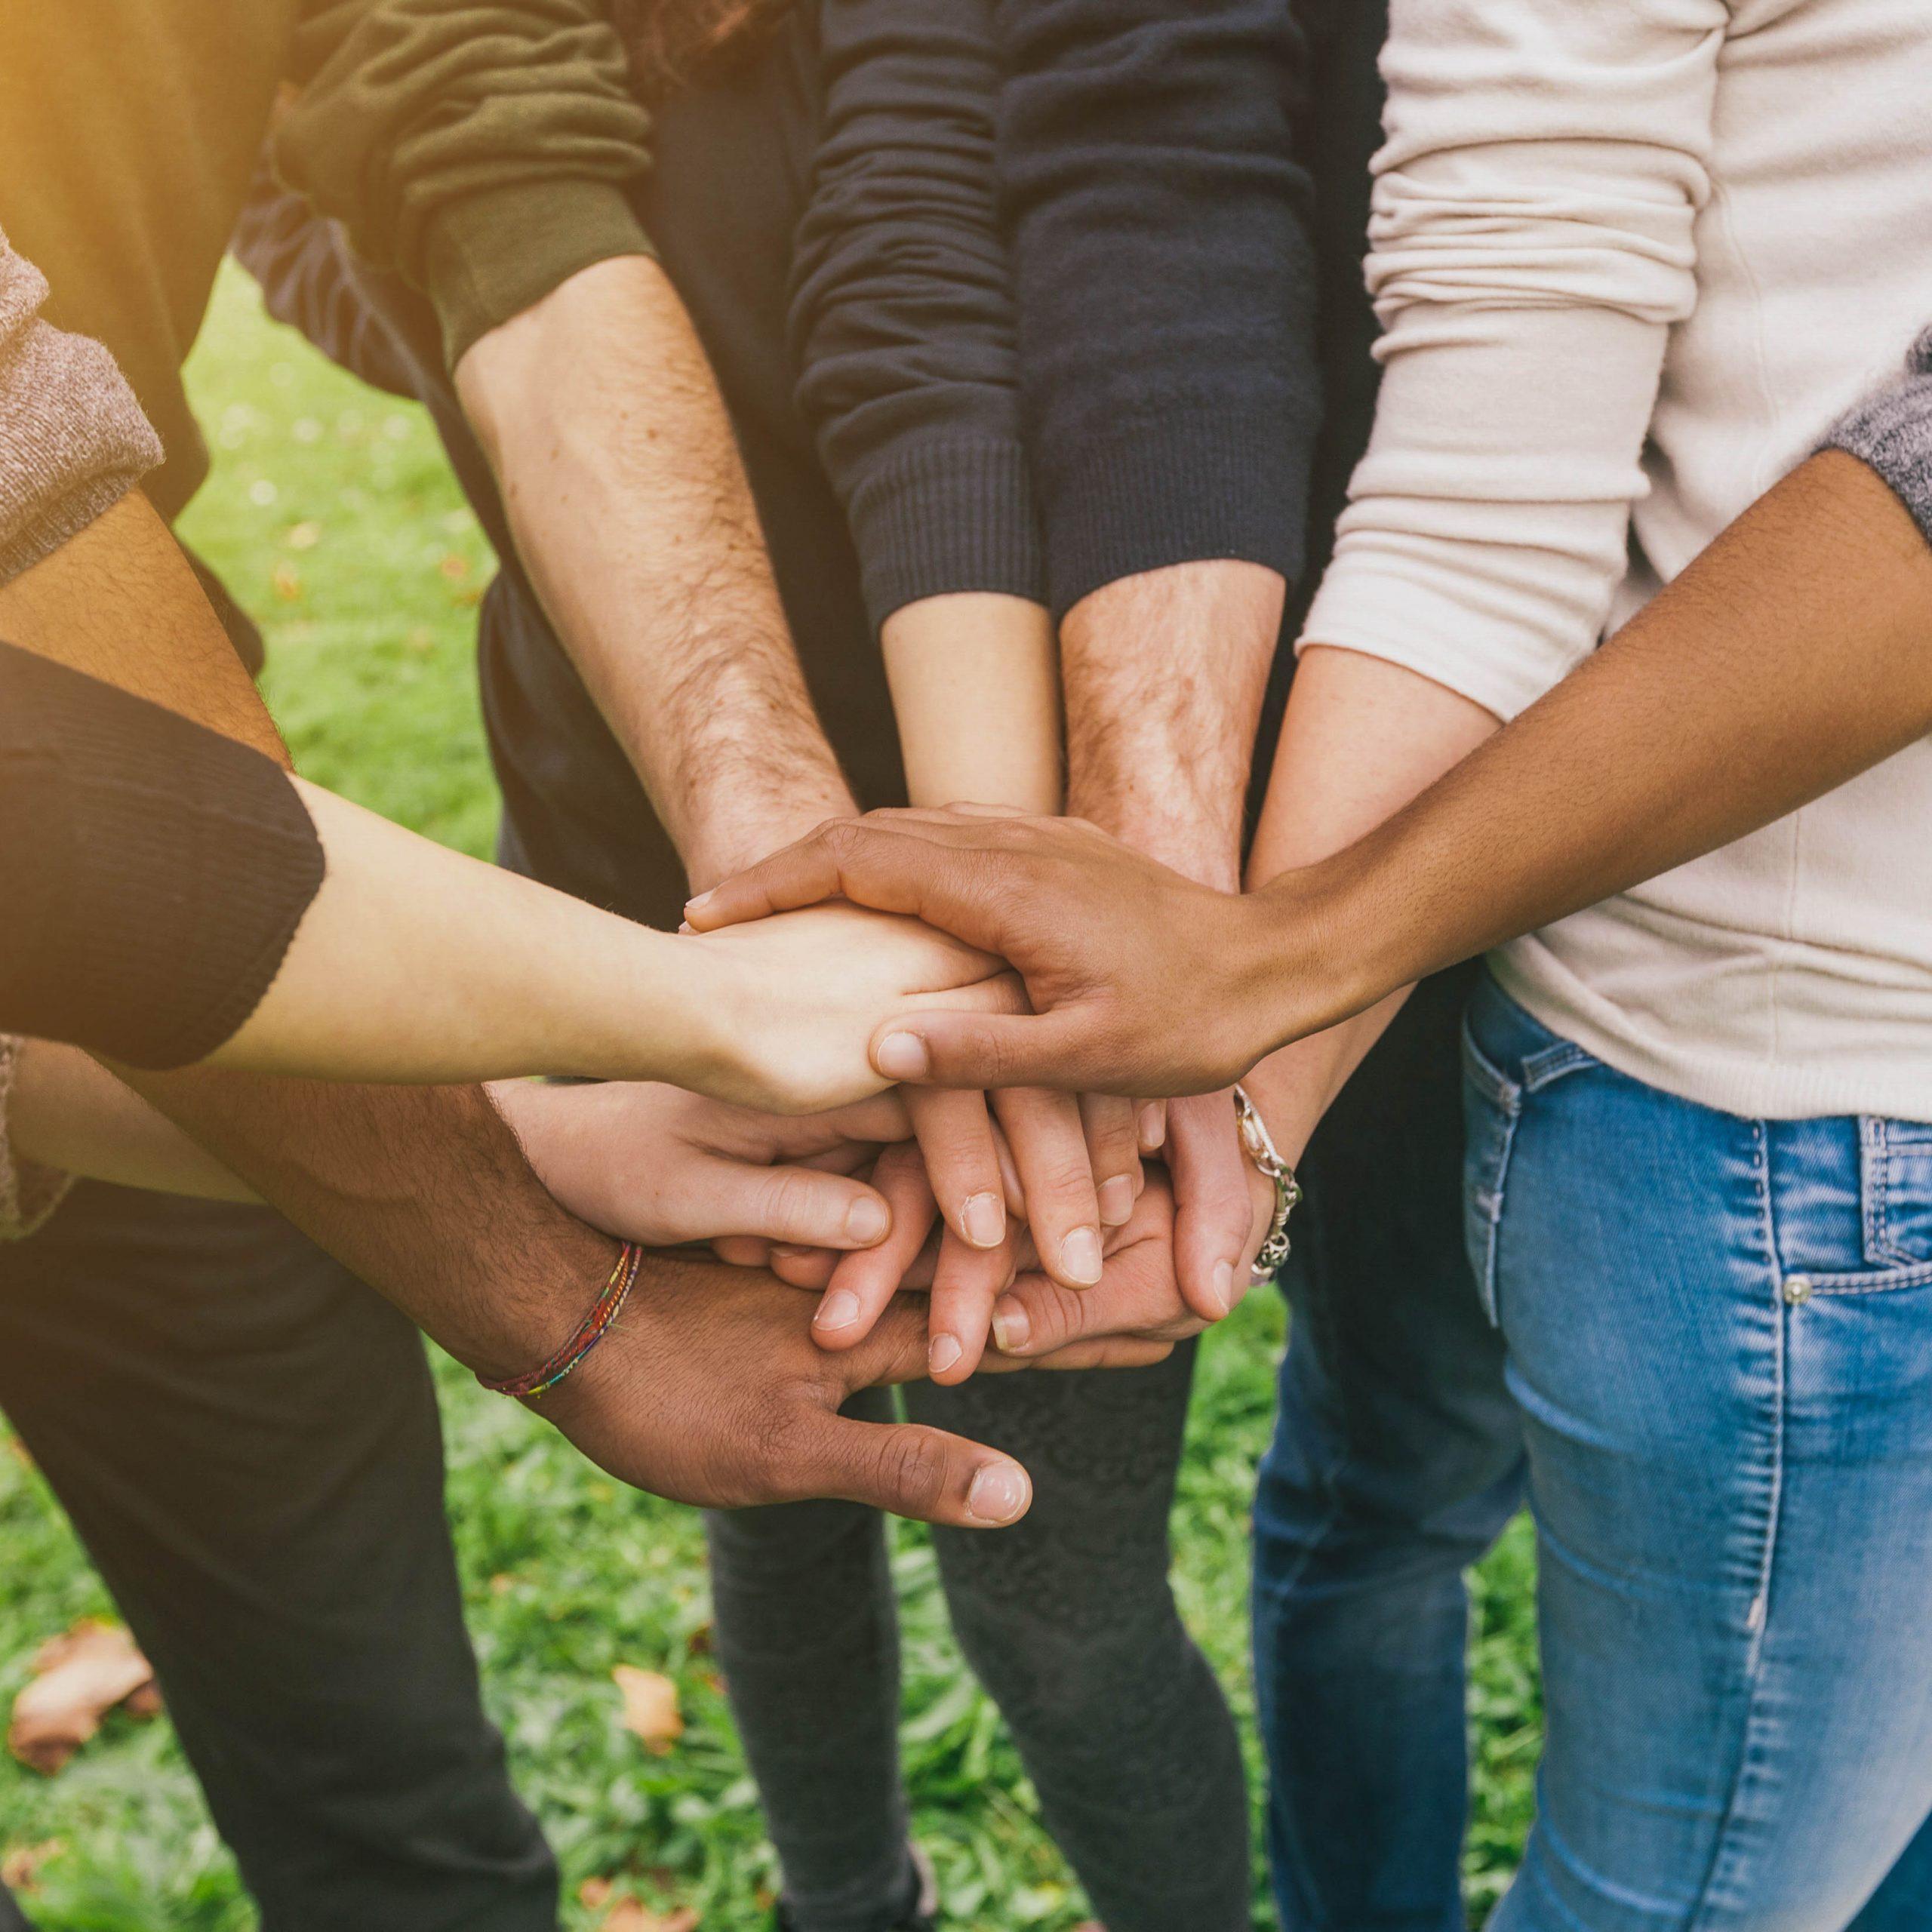 Menschen stehen im Kreis und halten ihre Hände zusammen